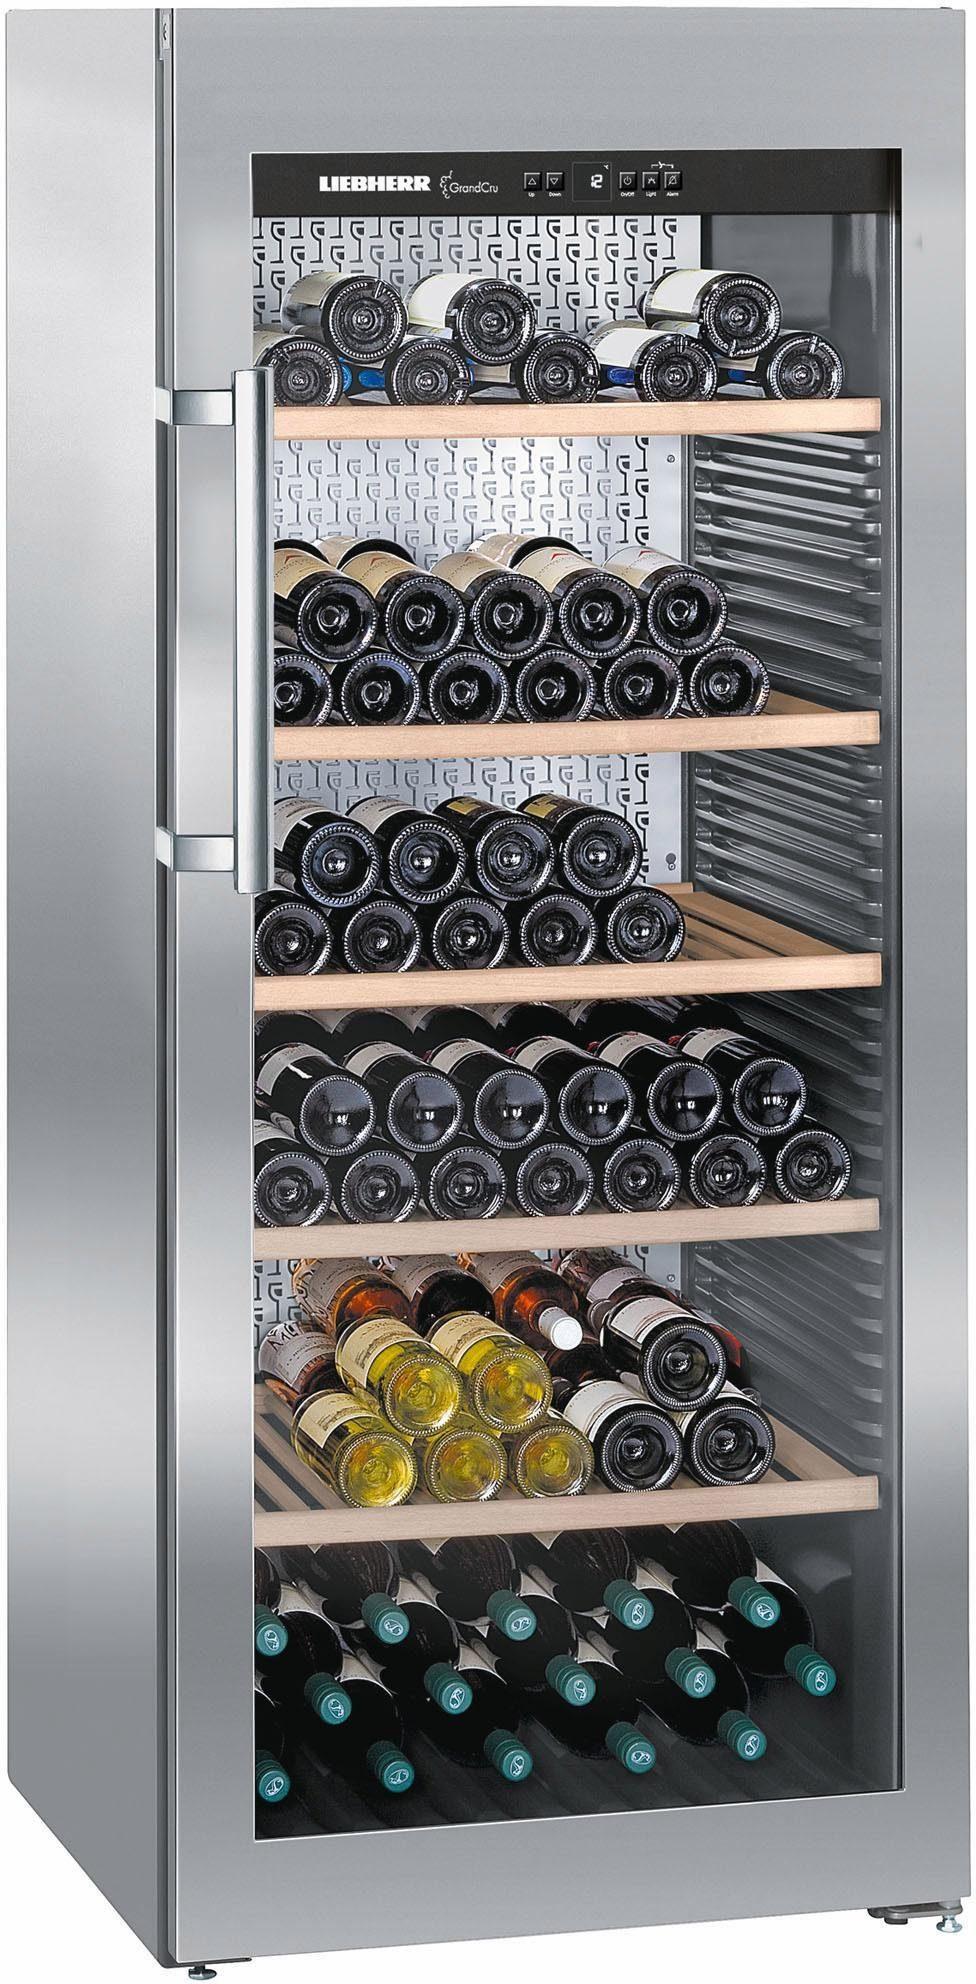 Liebherr Weinkühlschrank WKes 4552-21, A+, 165 cm hoch